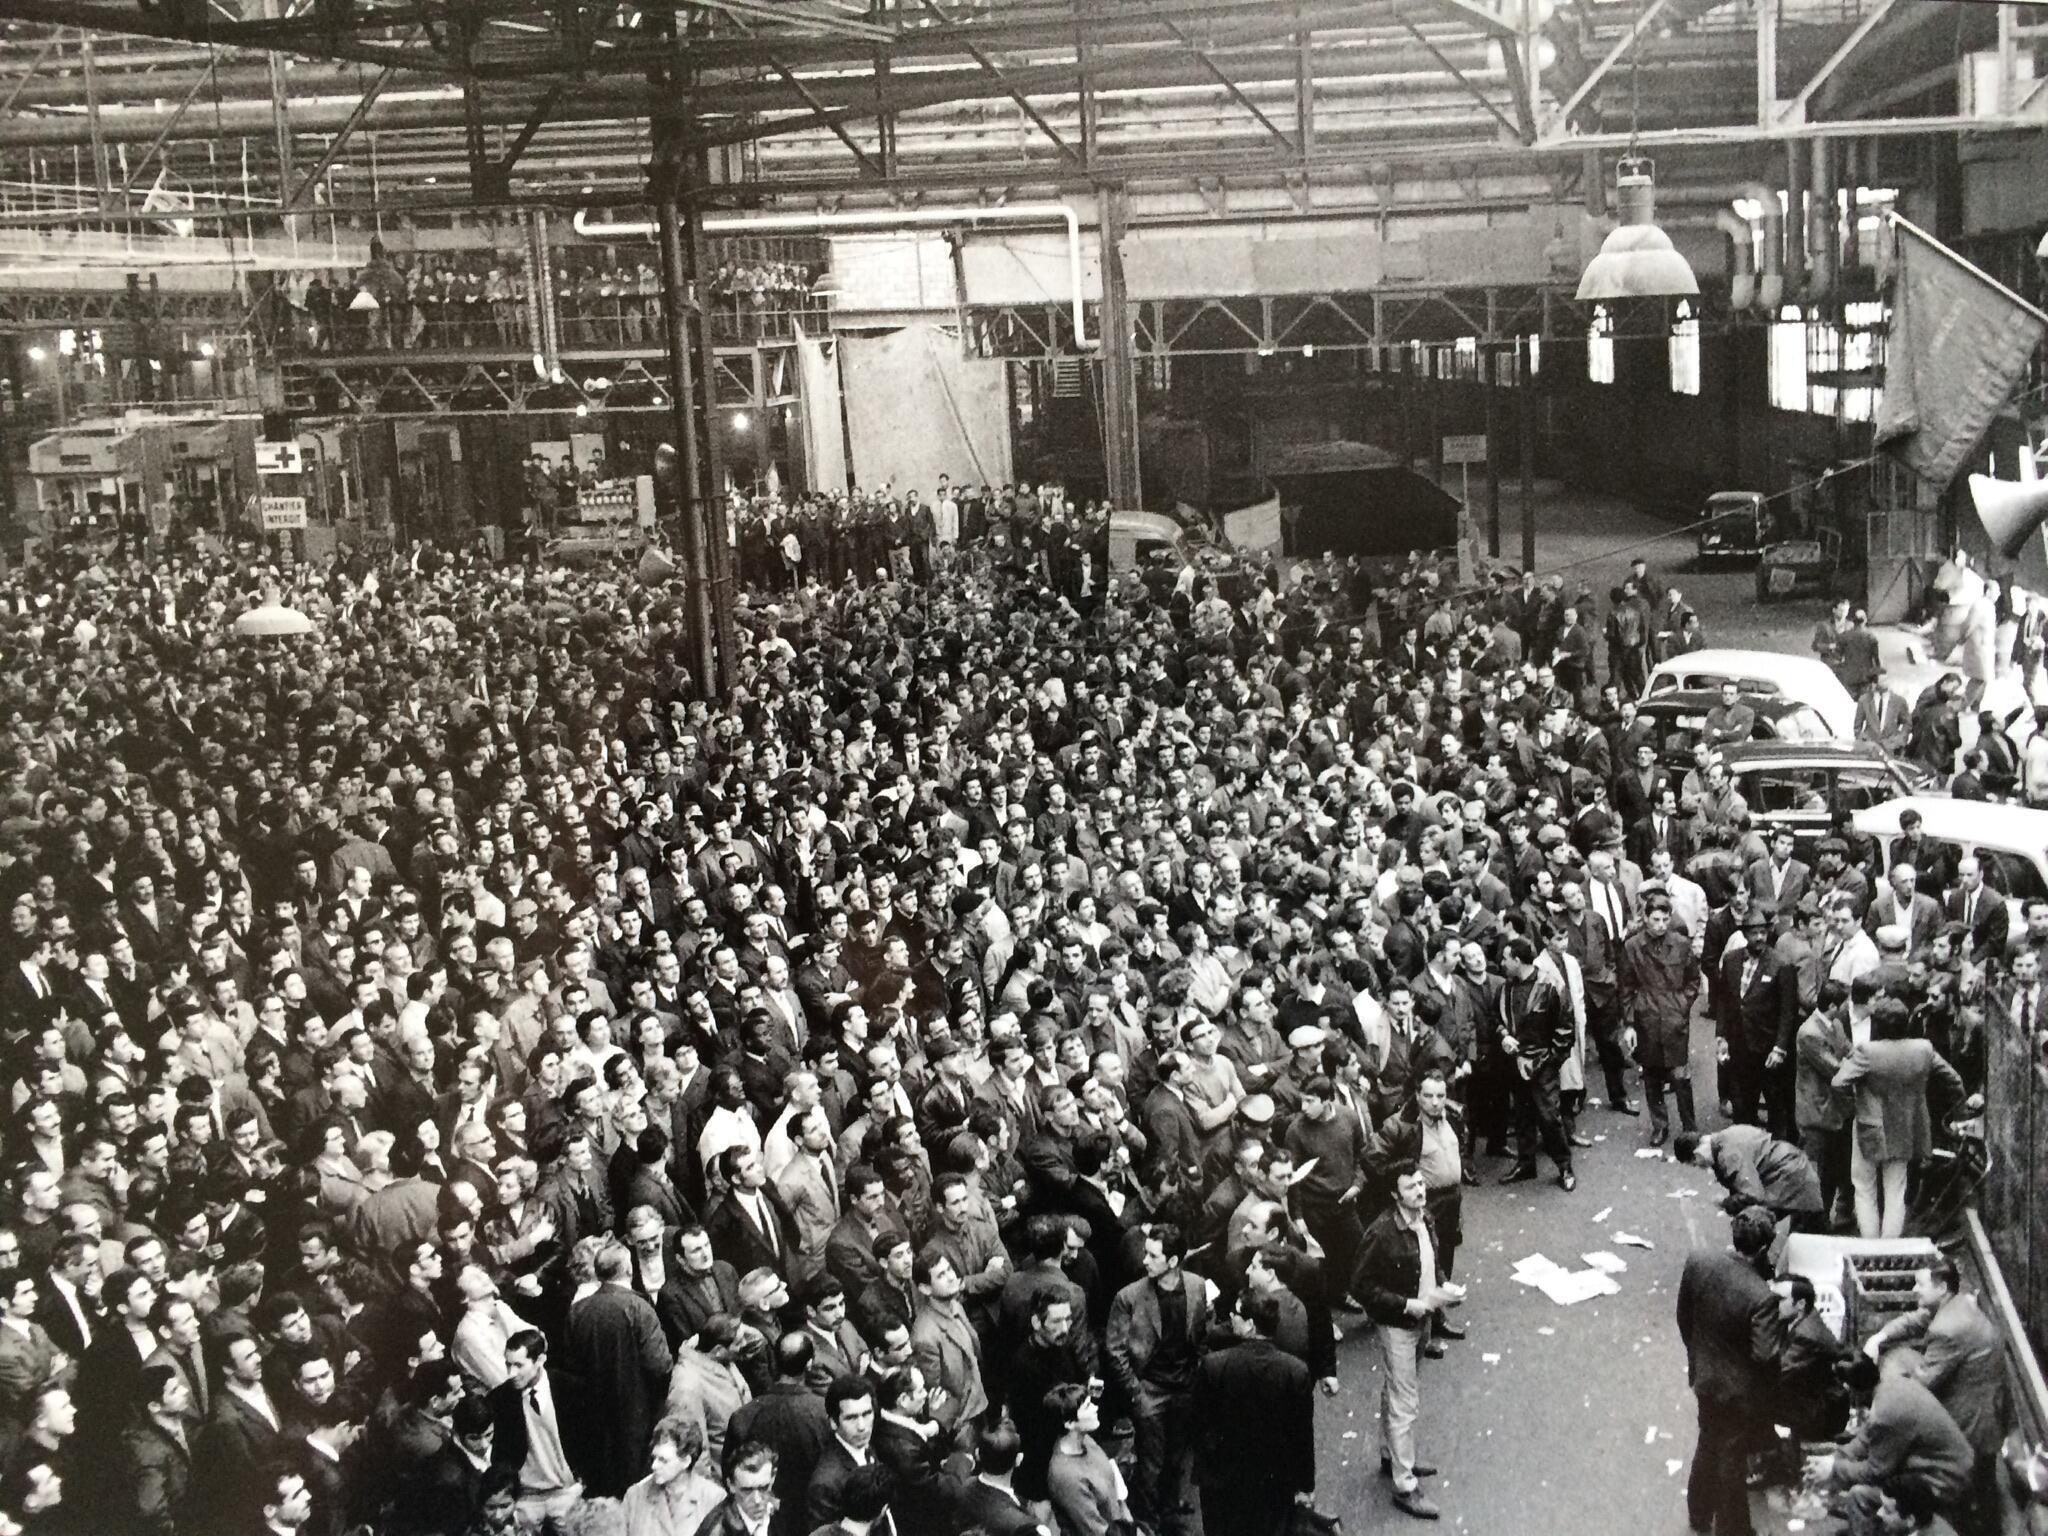 La fábrica de automóviles Renault-Billancourt el 17 de mayo de 1968 cuando se vota la huelga. Foto tomada por Aimé Halbeher, entonces secretario general del sindicato CGT de Renault-Billancourt.